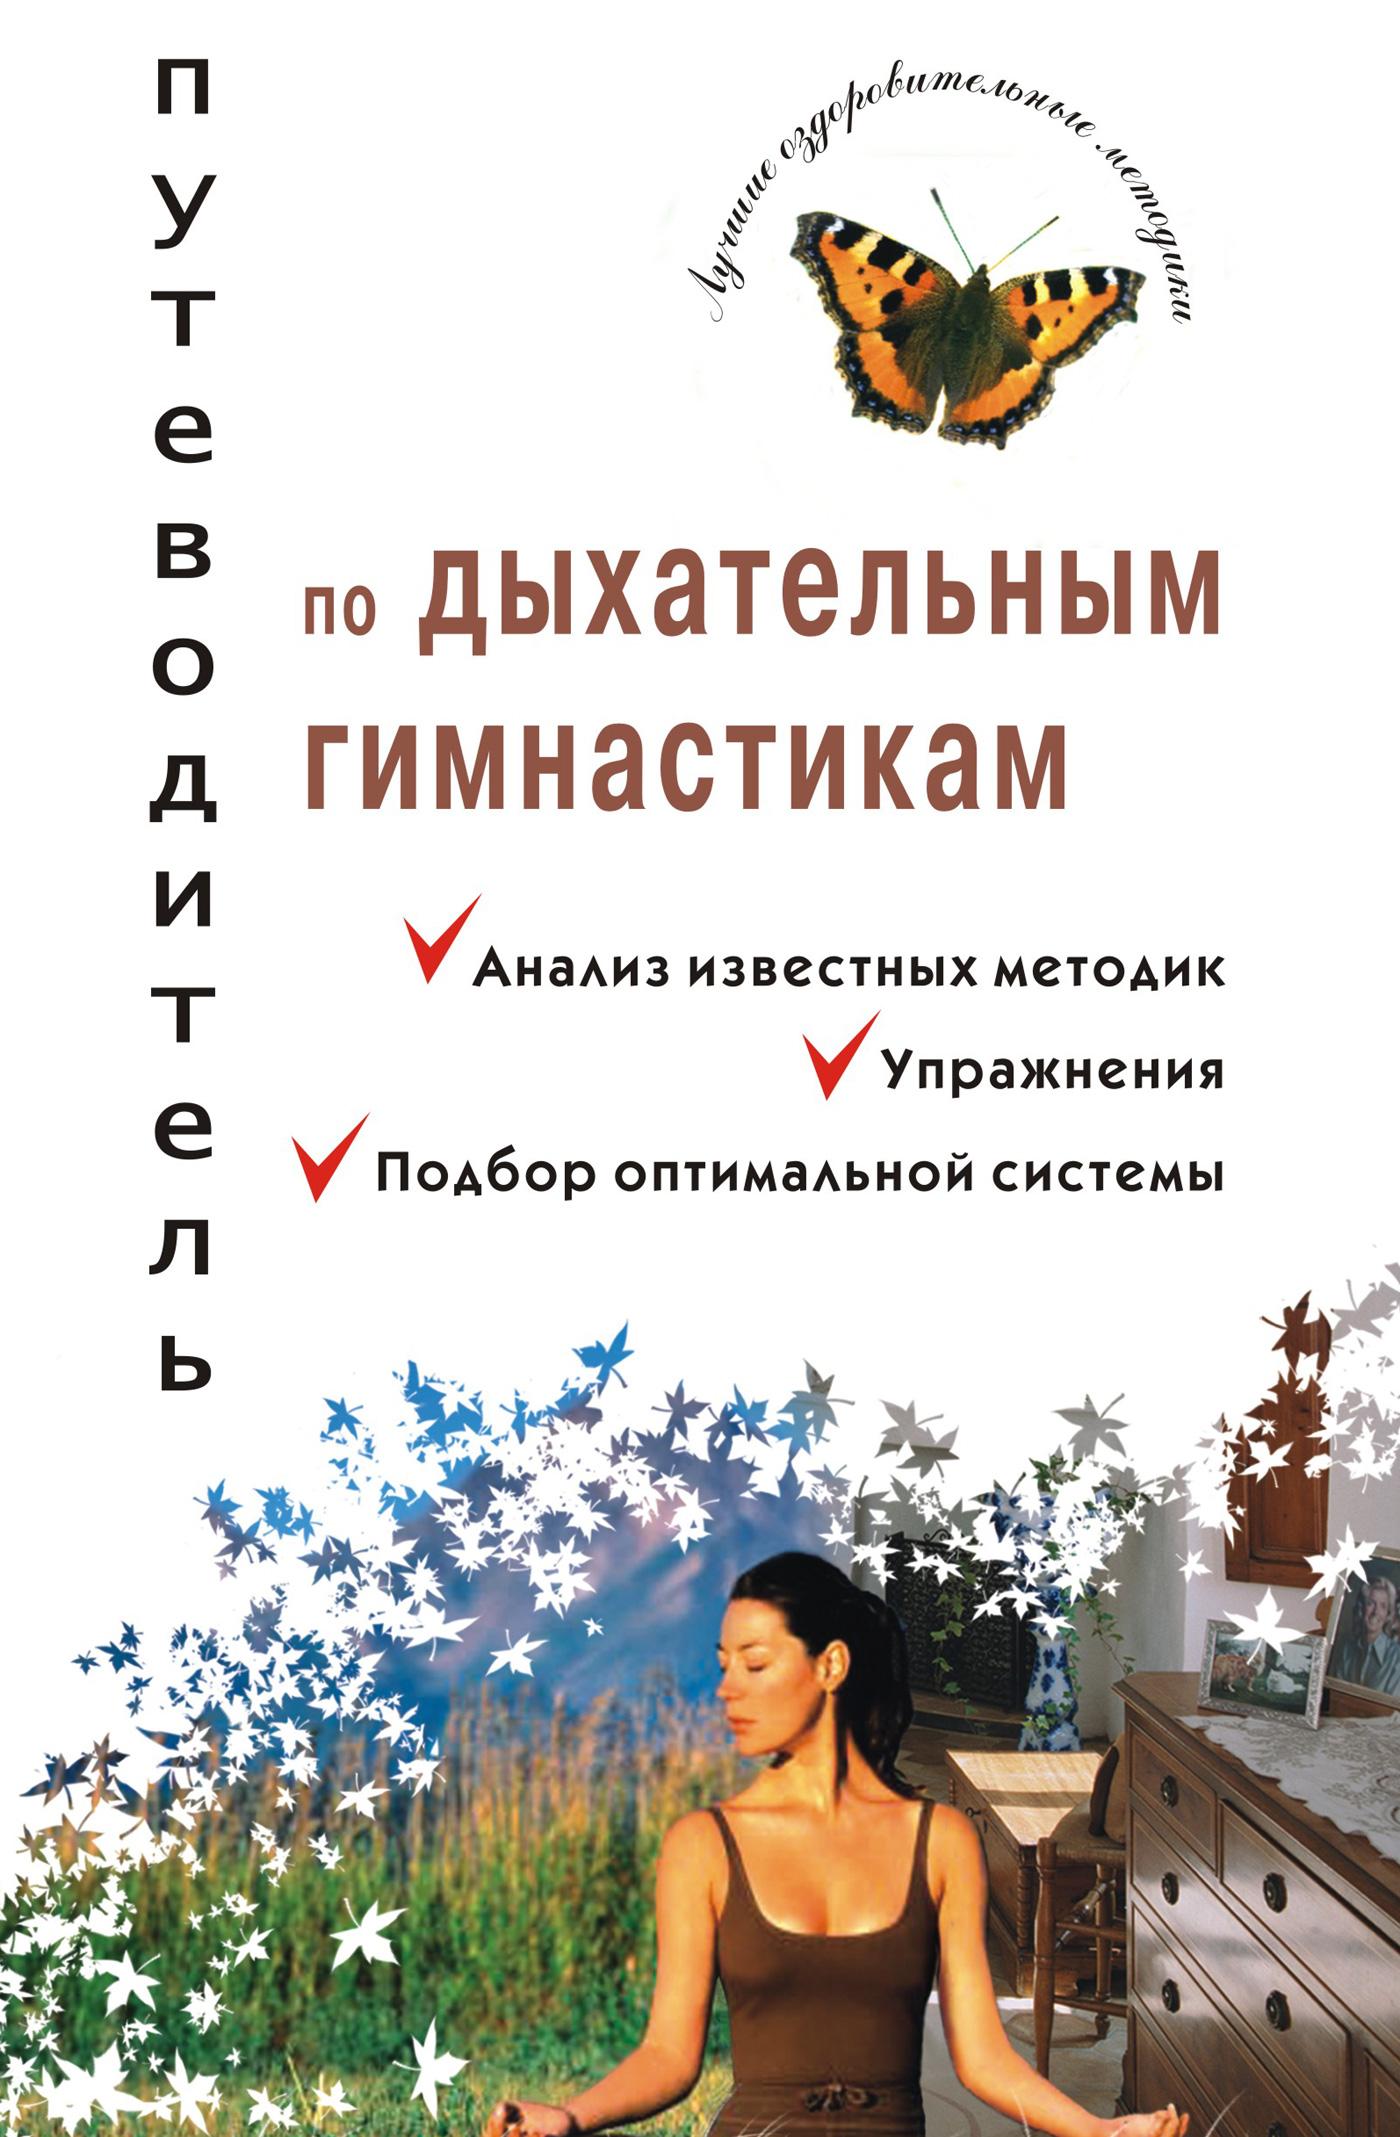 Путеводитель по дыхательным гимнастикам